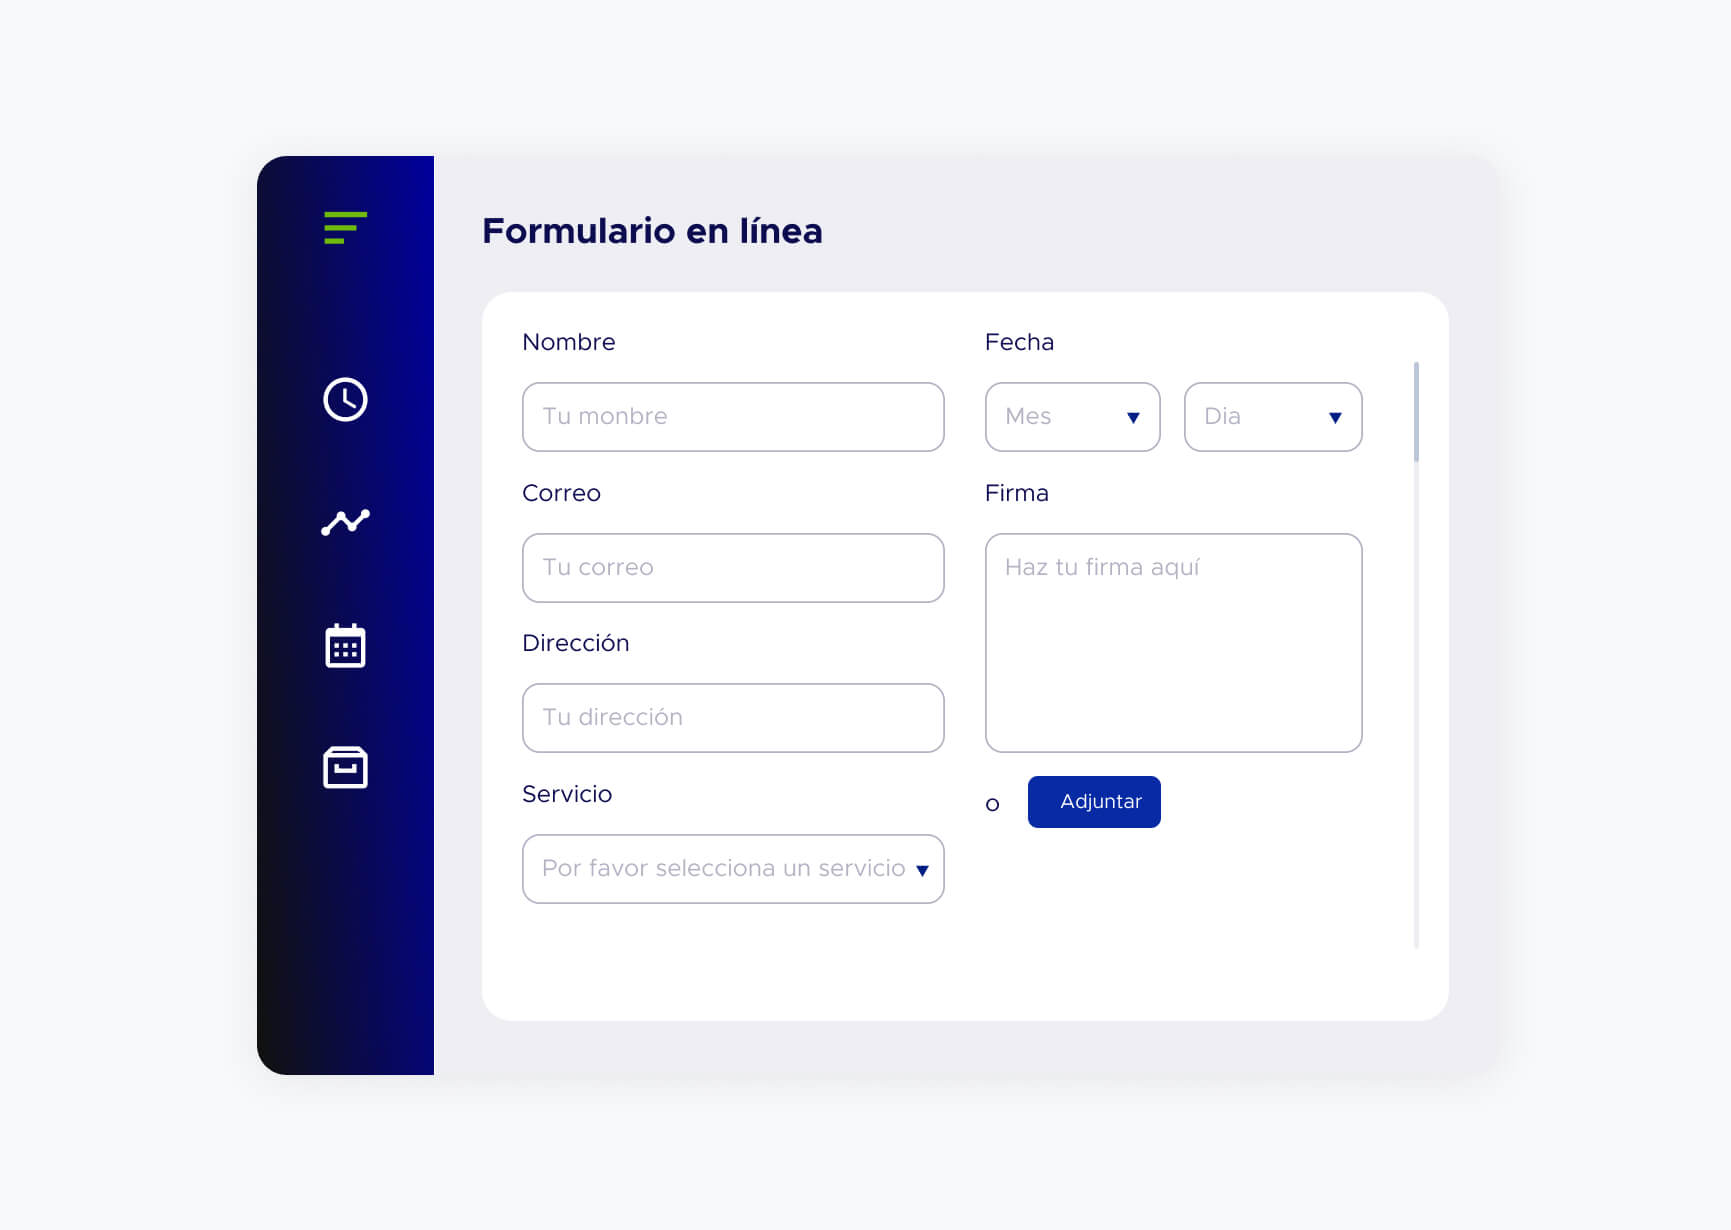 Pantalla de aplicación formulario en línea de ACF Technologies